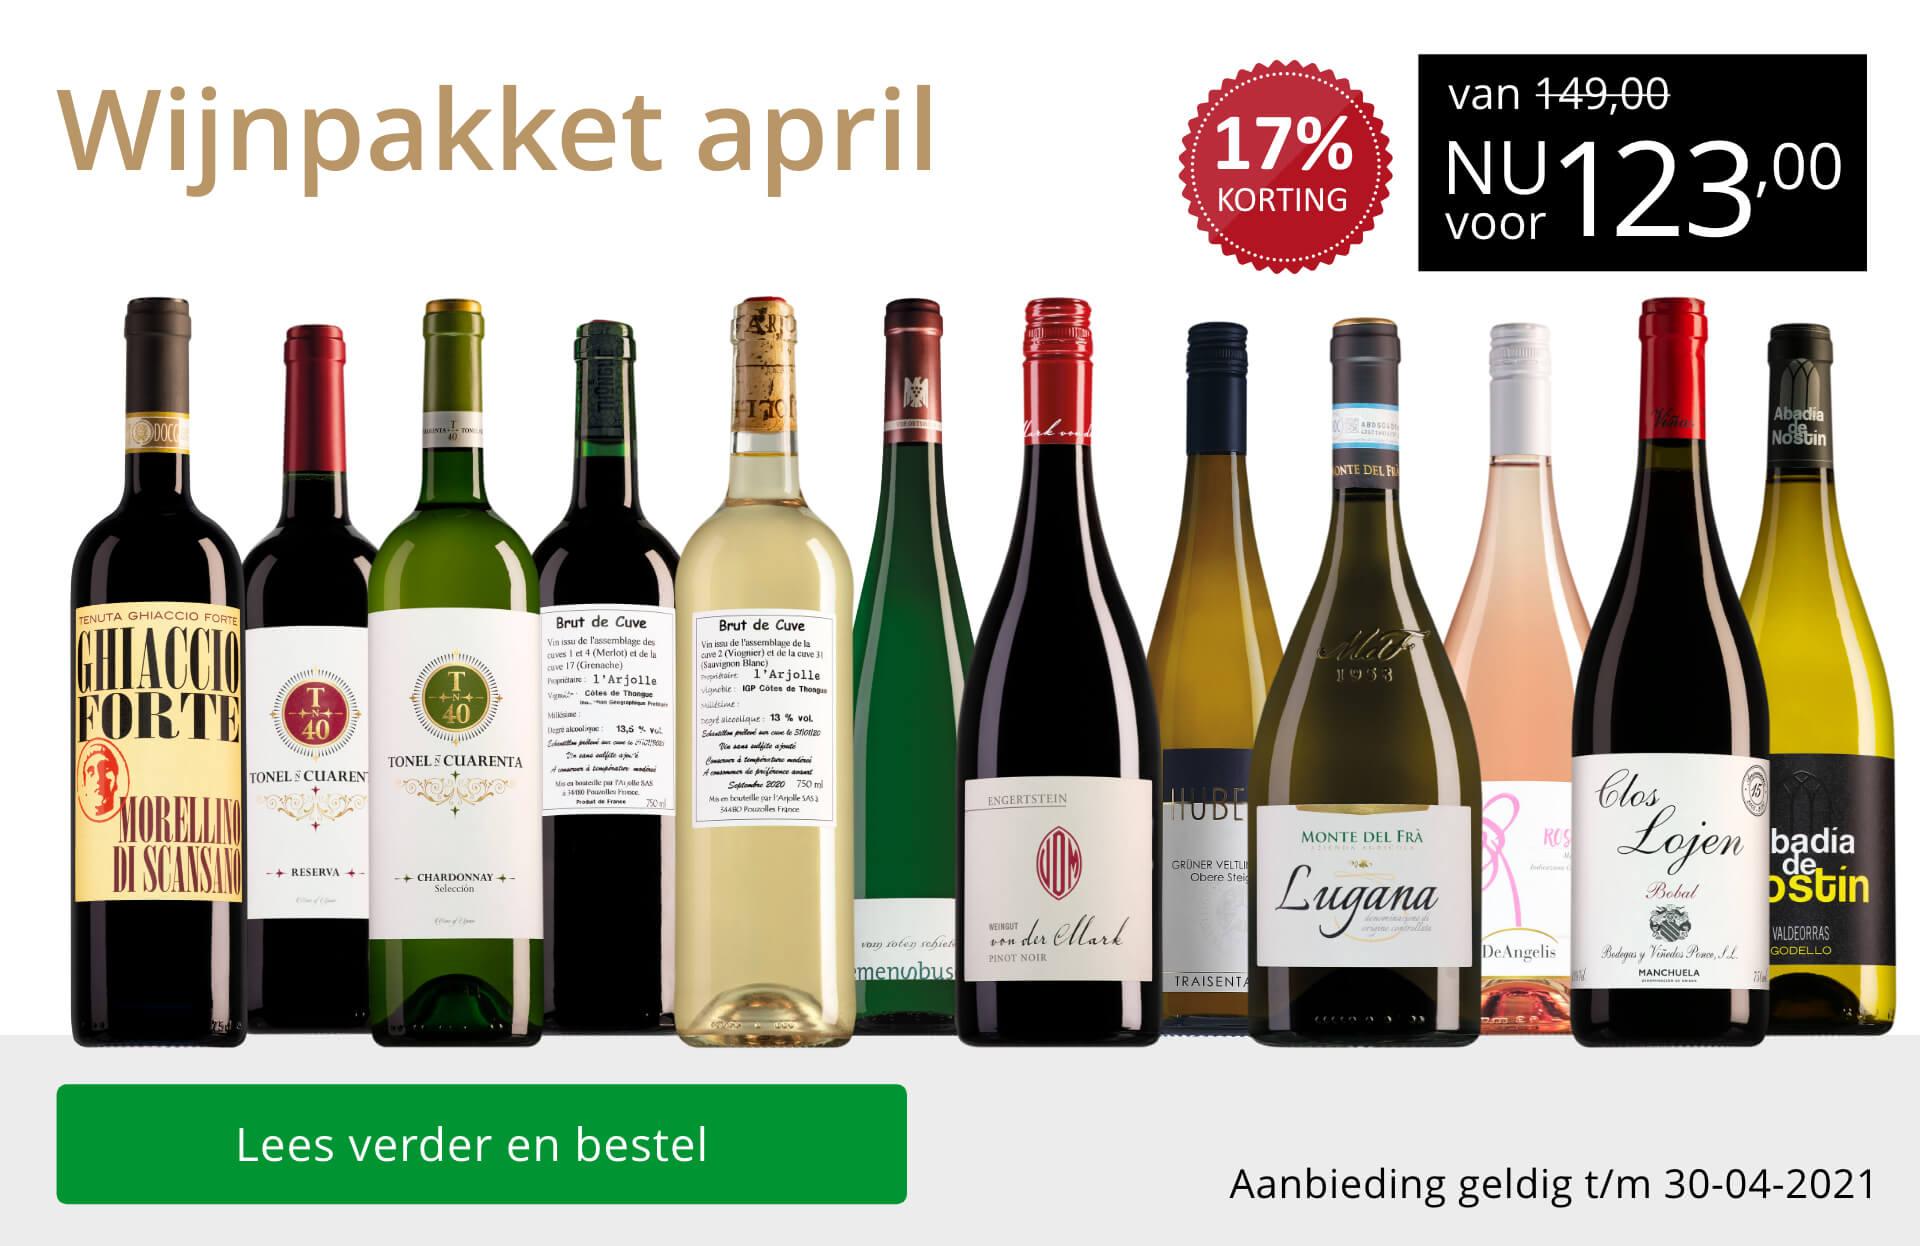 Wijnpakket wijnbericht april 2021 (123,00) - goud/zwart